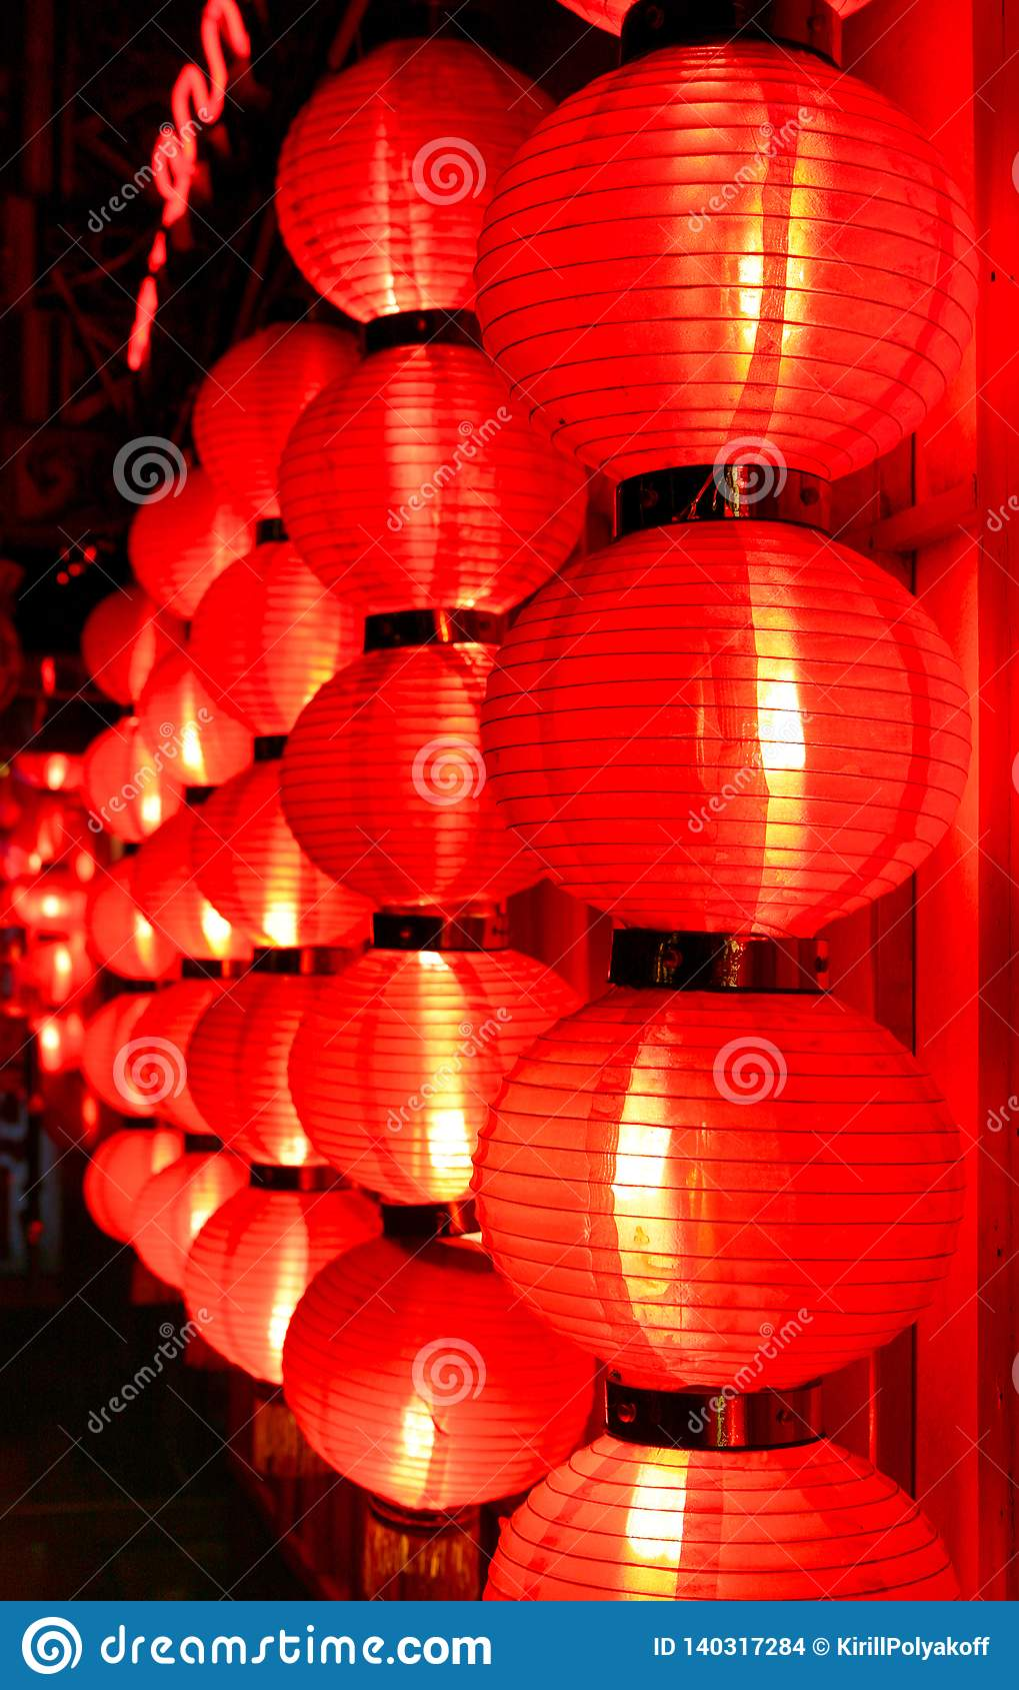 Fulgor de lanternas chinesas vermelhas na noite Beijing, China